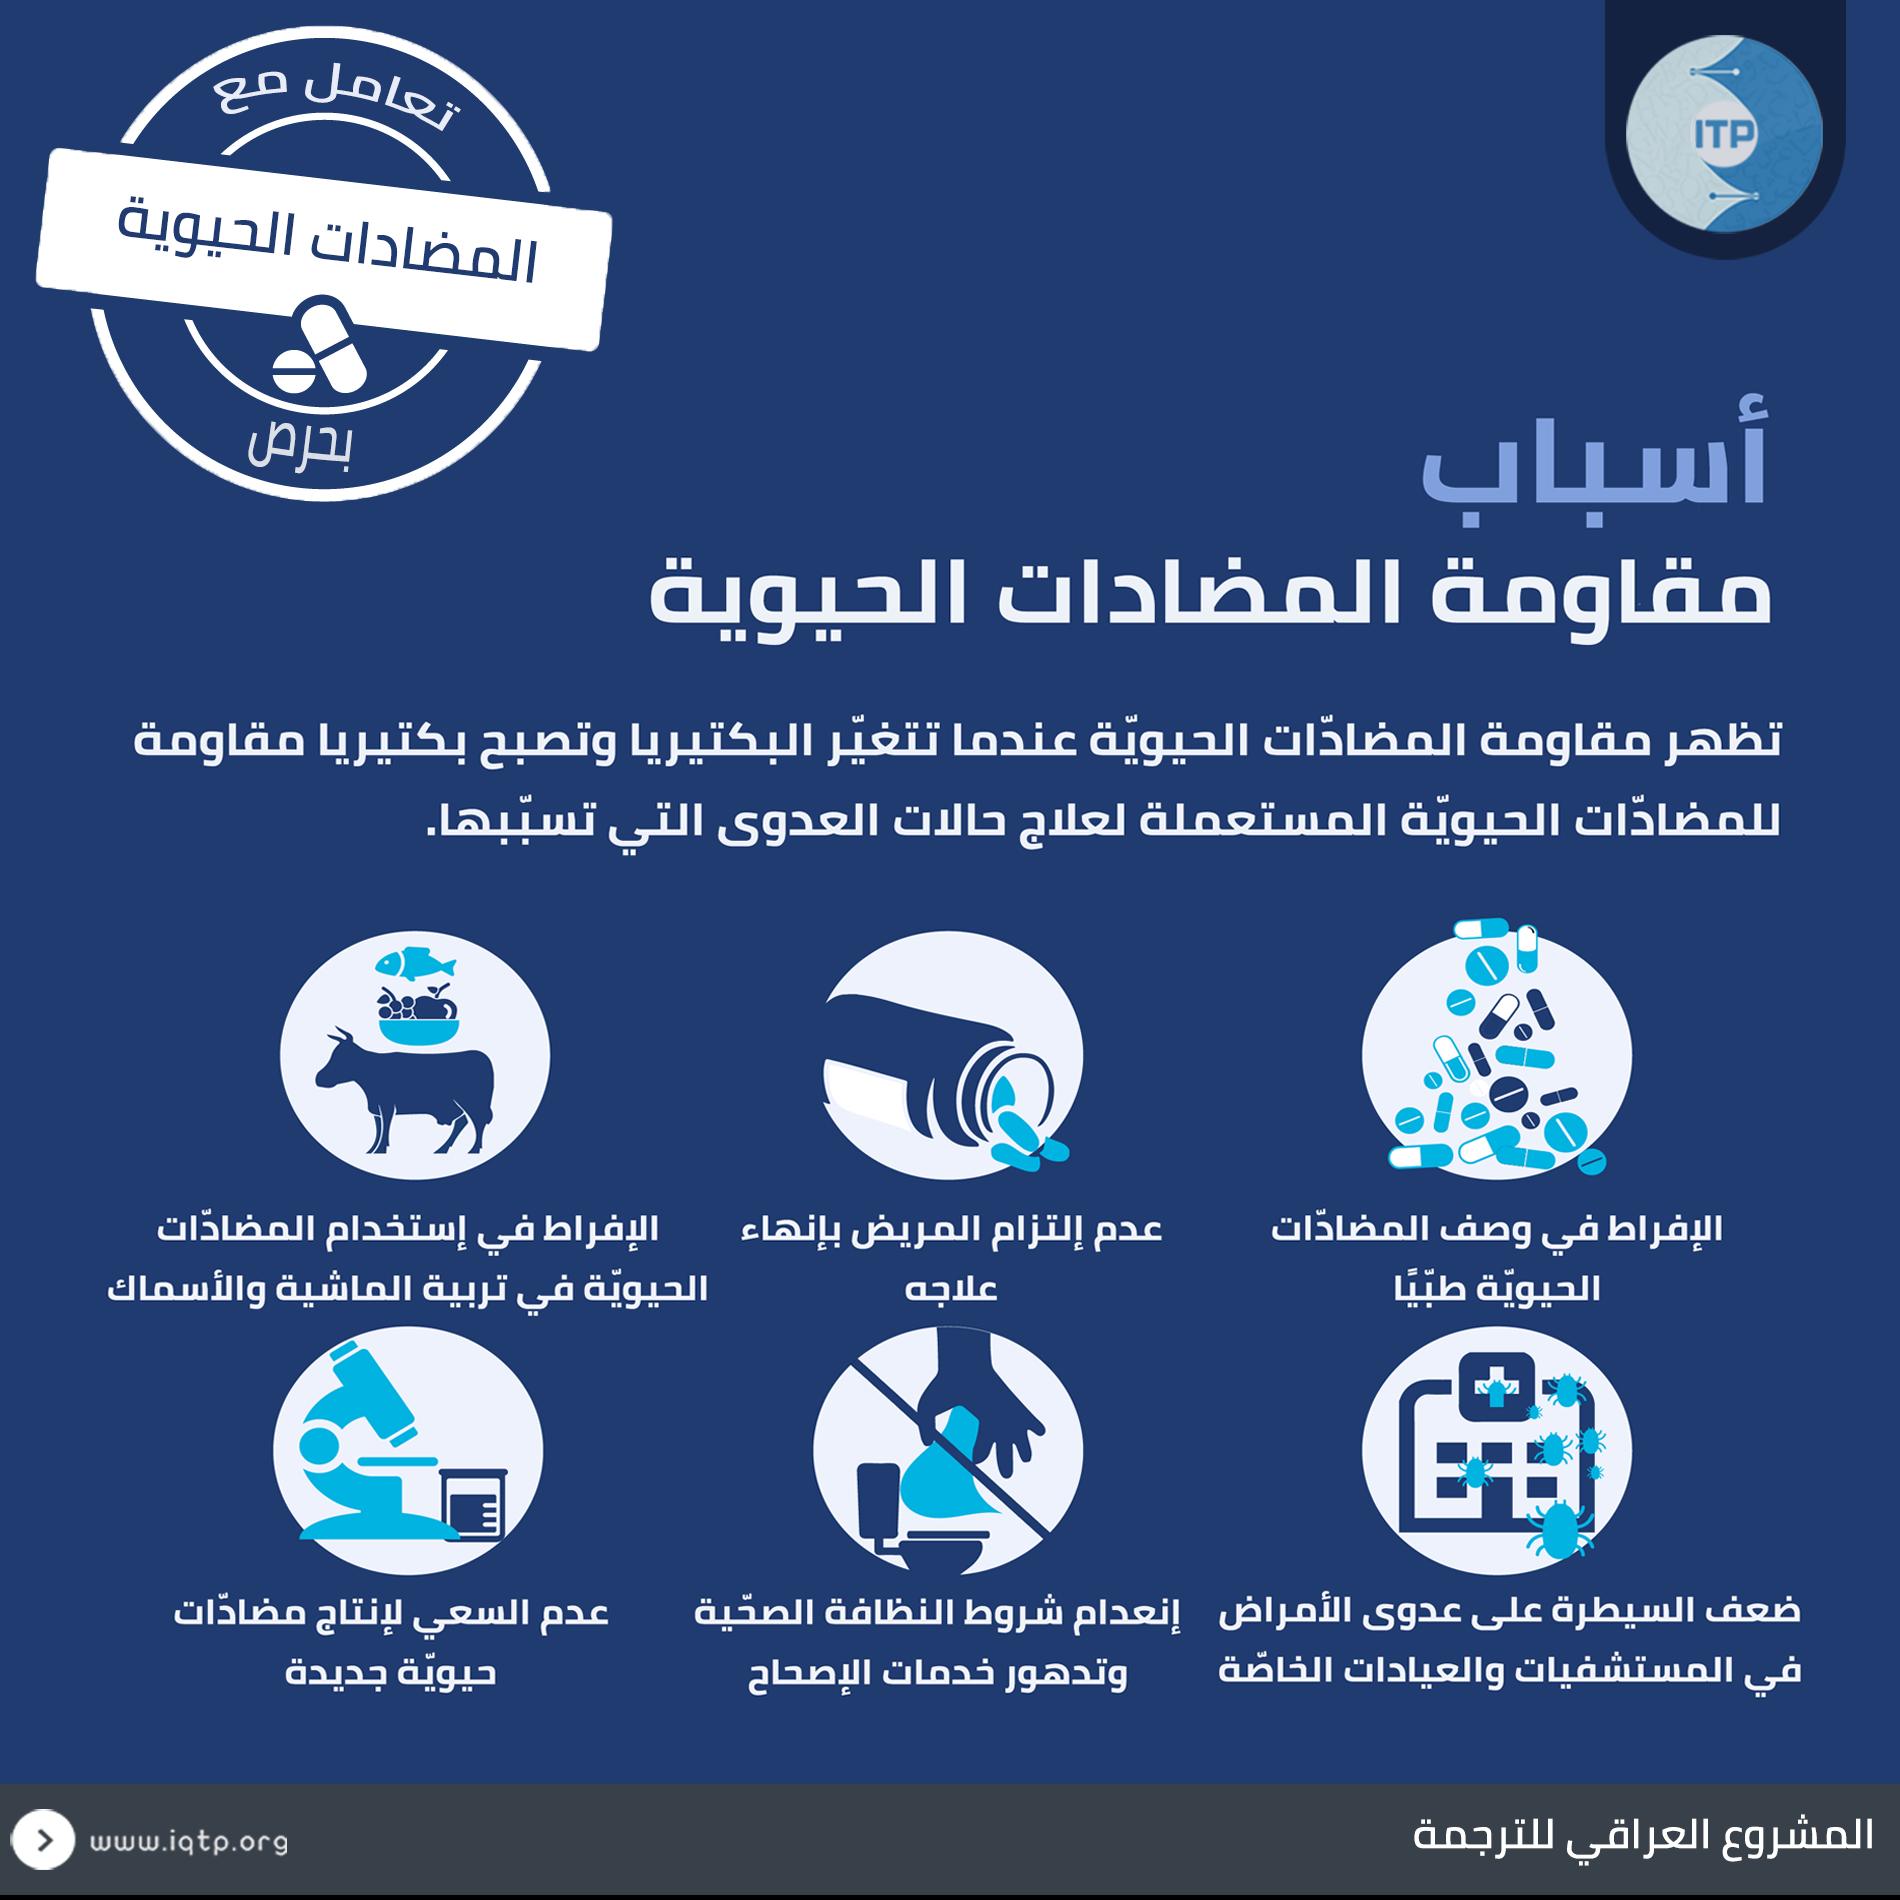 الأسبوع العالمي للتوعية حول المضادّات الحيويّة